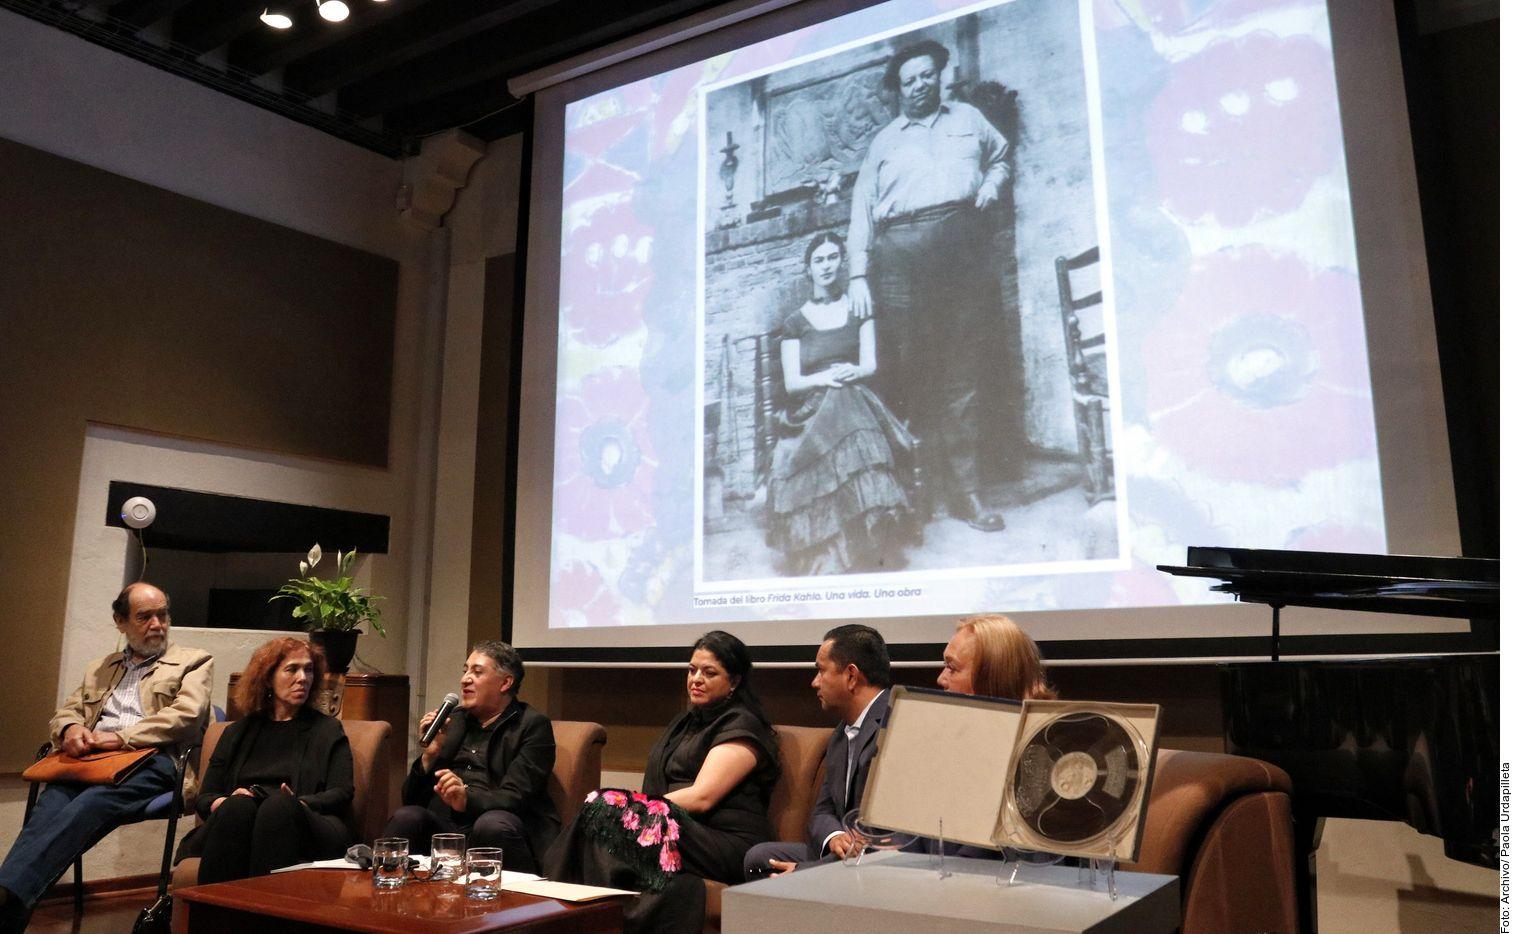 El miércoles de la semana pasada, el director de la Fonoteca, Pavel Granados, presentó como un tesoro de su acervo un breve audio de Frida Kahlo que describía a Diego Rivera./ AGENCIA REFORMA